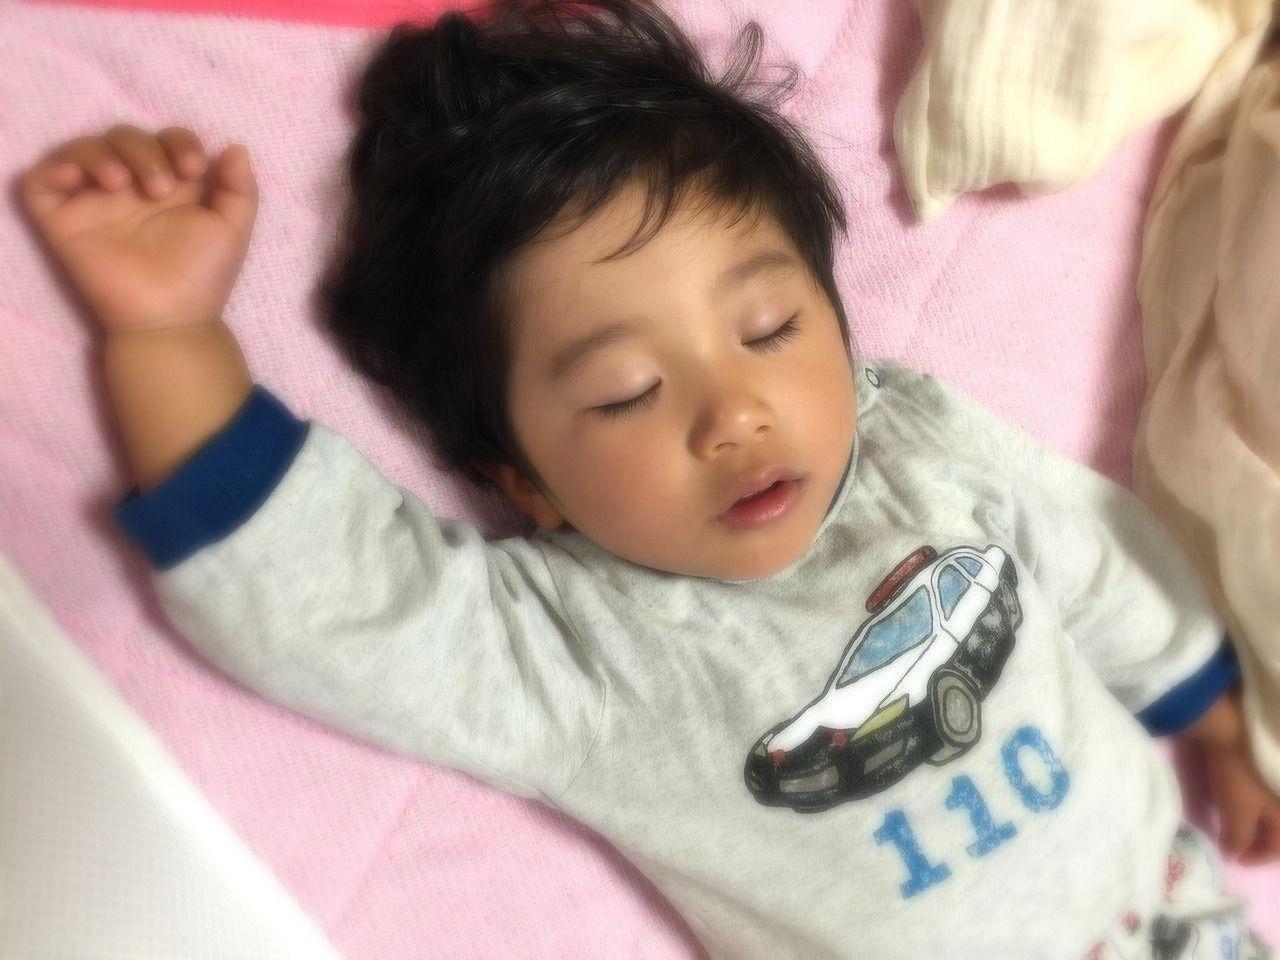 四万十市の小児科・子ども向け病院情報~①土日祝夜間に時間外対応してくれる救急病院